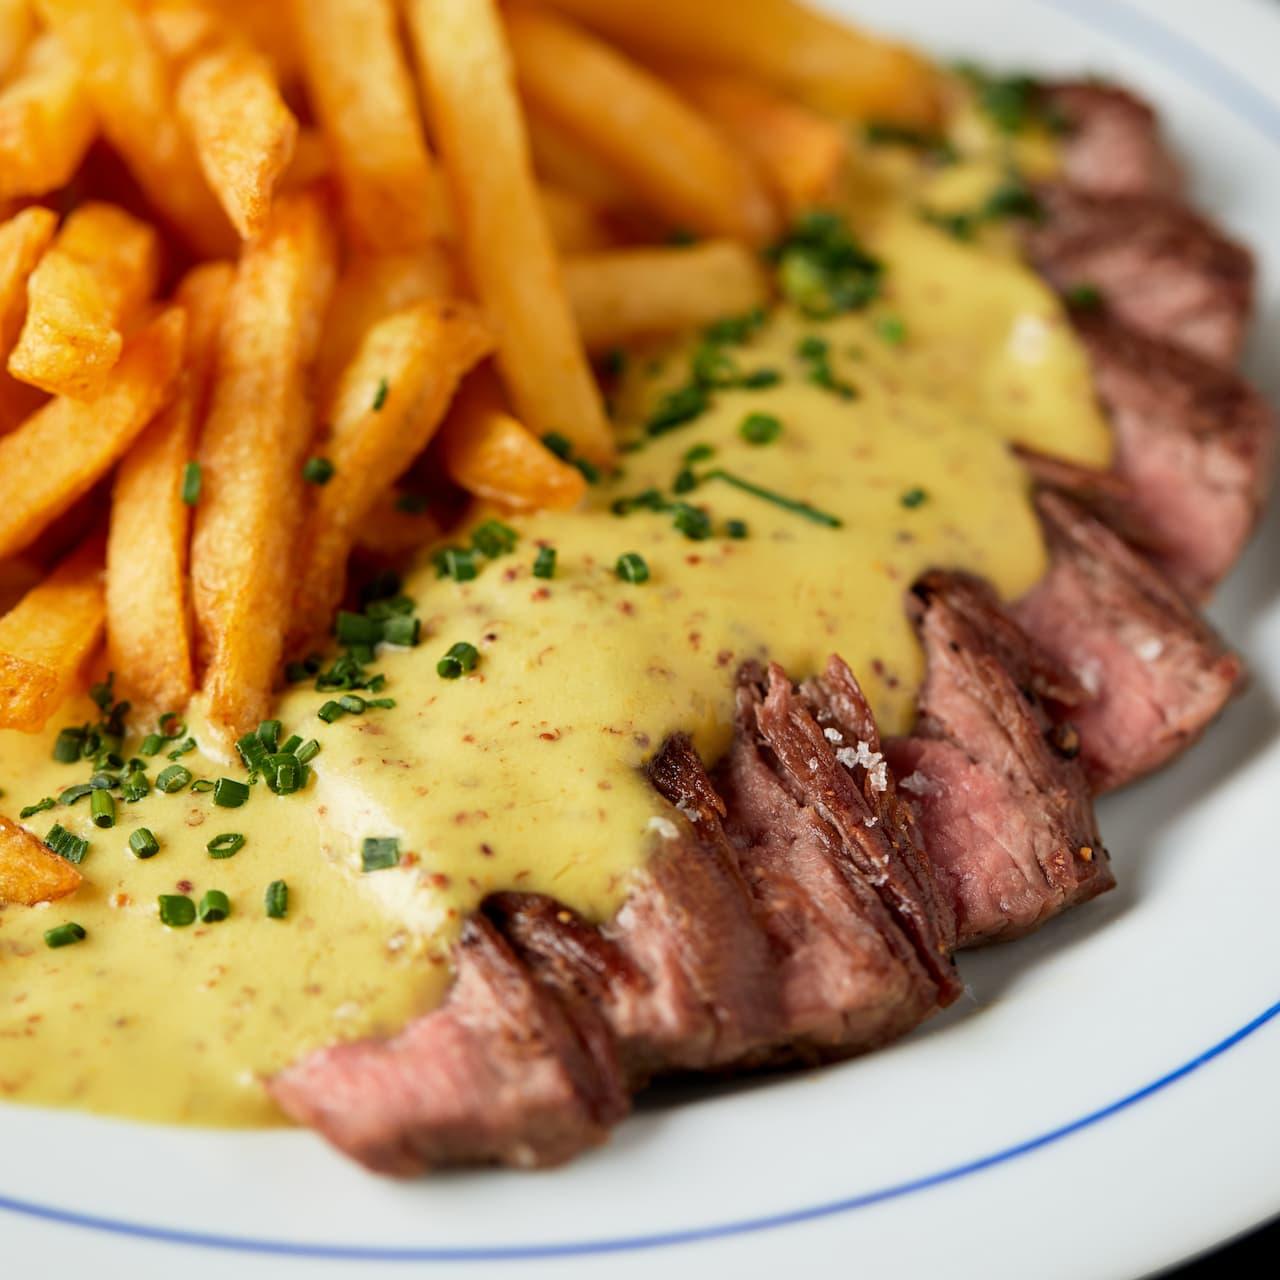 Le Parisien_Fraldinha ao ponto ao molho de mostarda dijon e batata frita_fotoBrunoAguiar (5) (1)